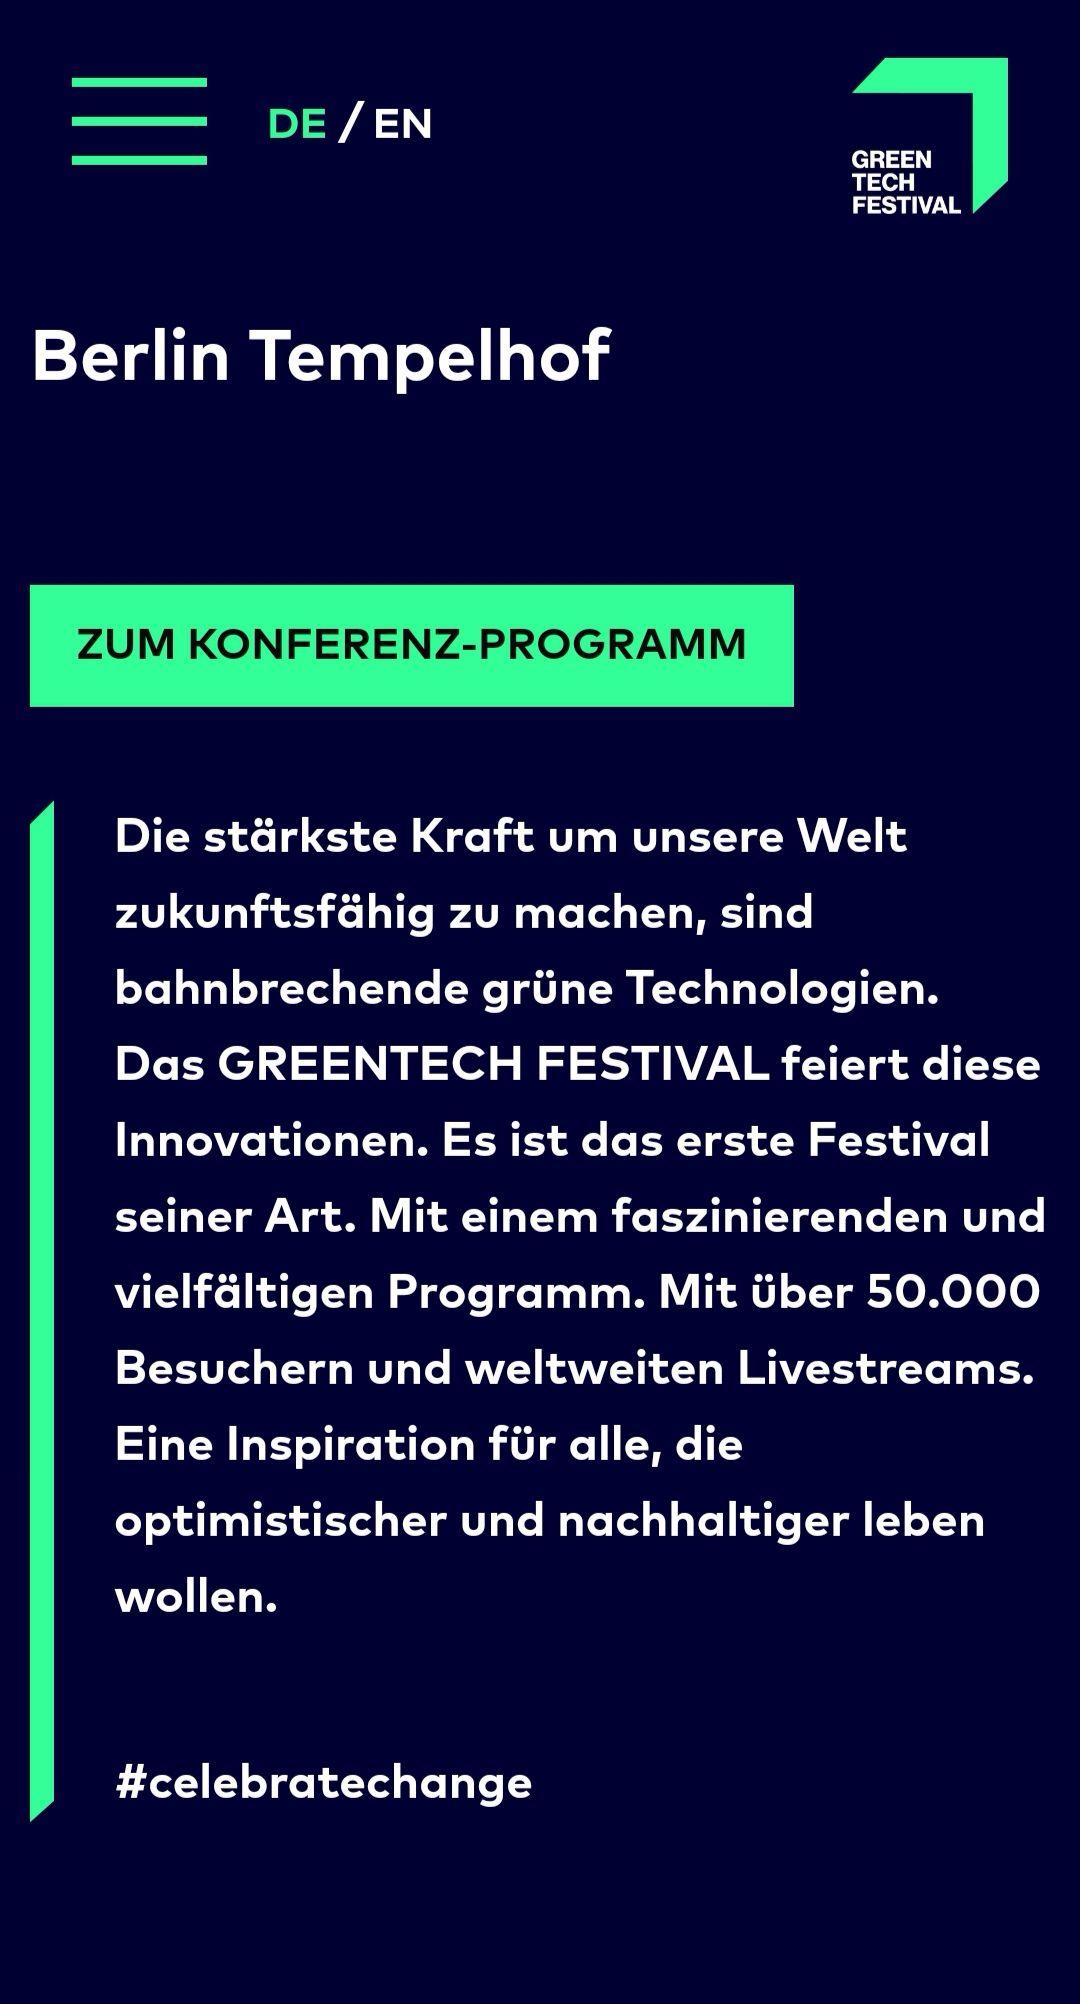 Green Tech Festival - BERLIN - Freitags Ticket GRATIS